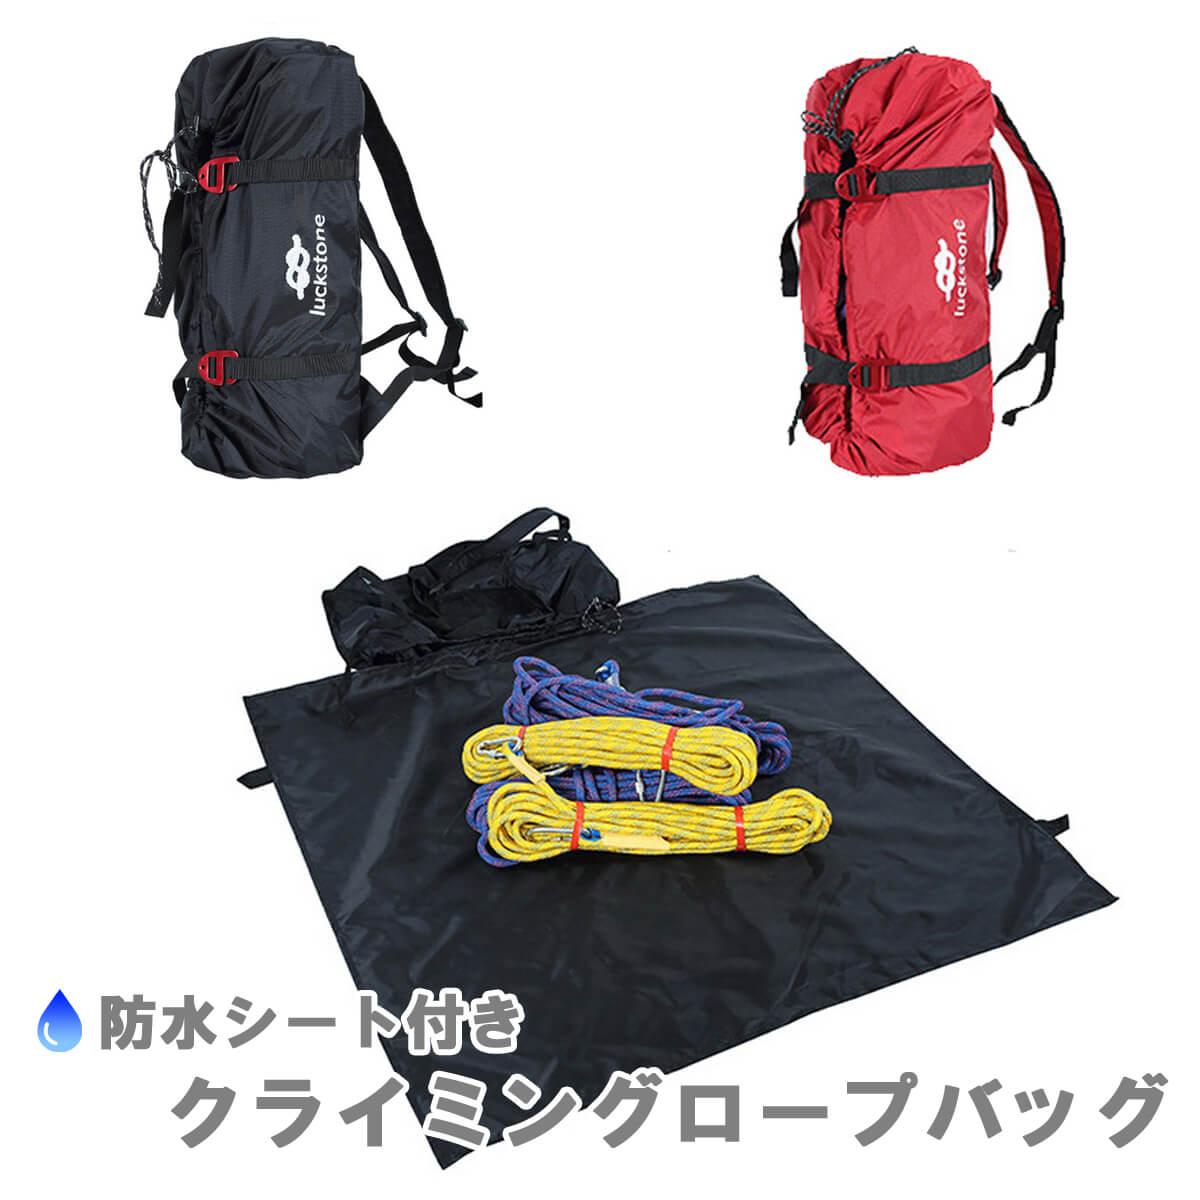 防水シート付クライミングロープバッグ